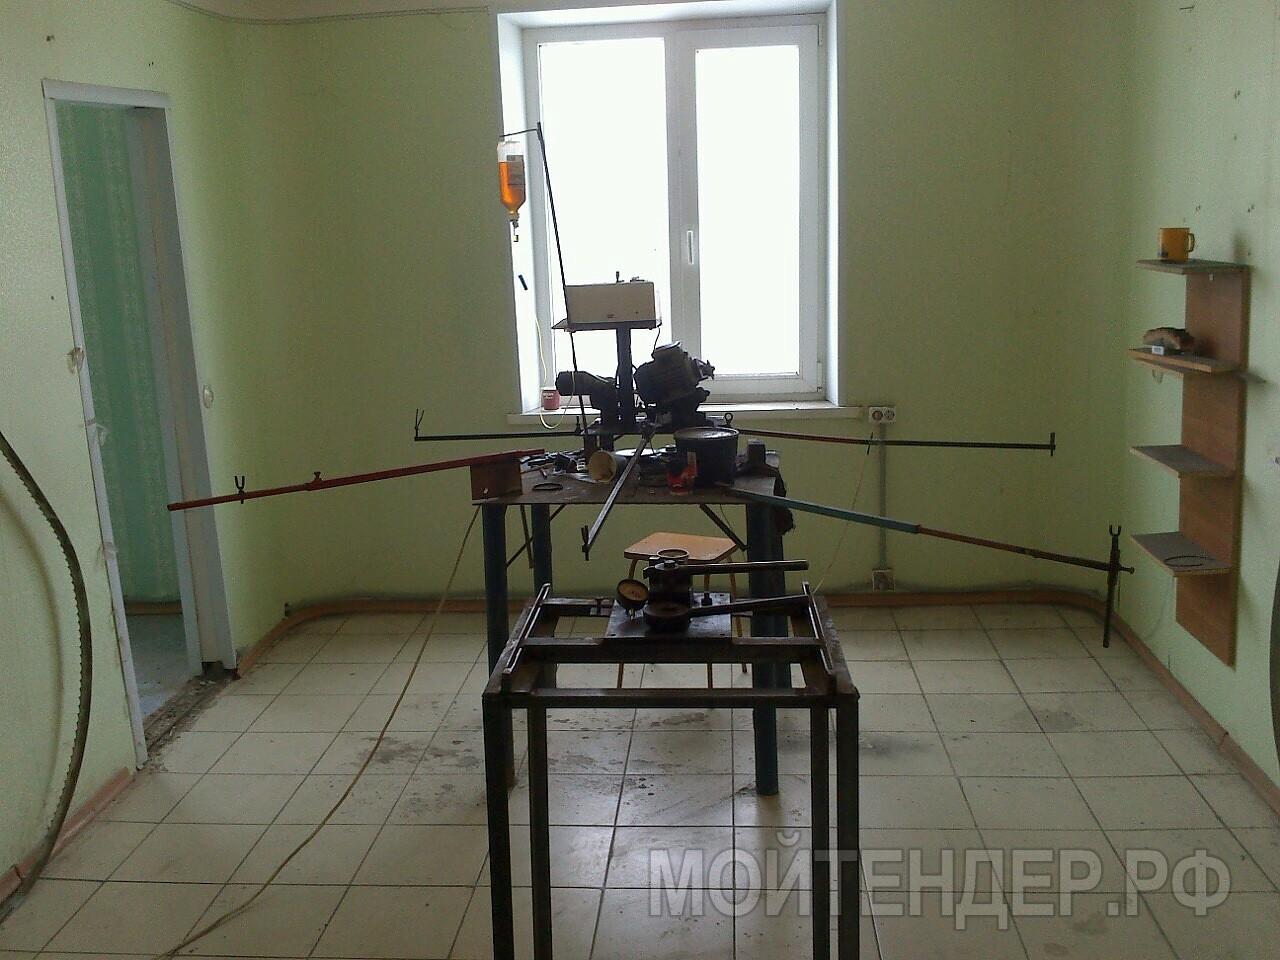 Мойтендер.рф-392-34-1731: Фото 8